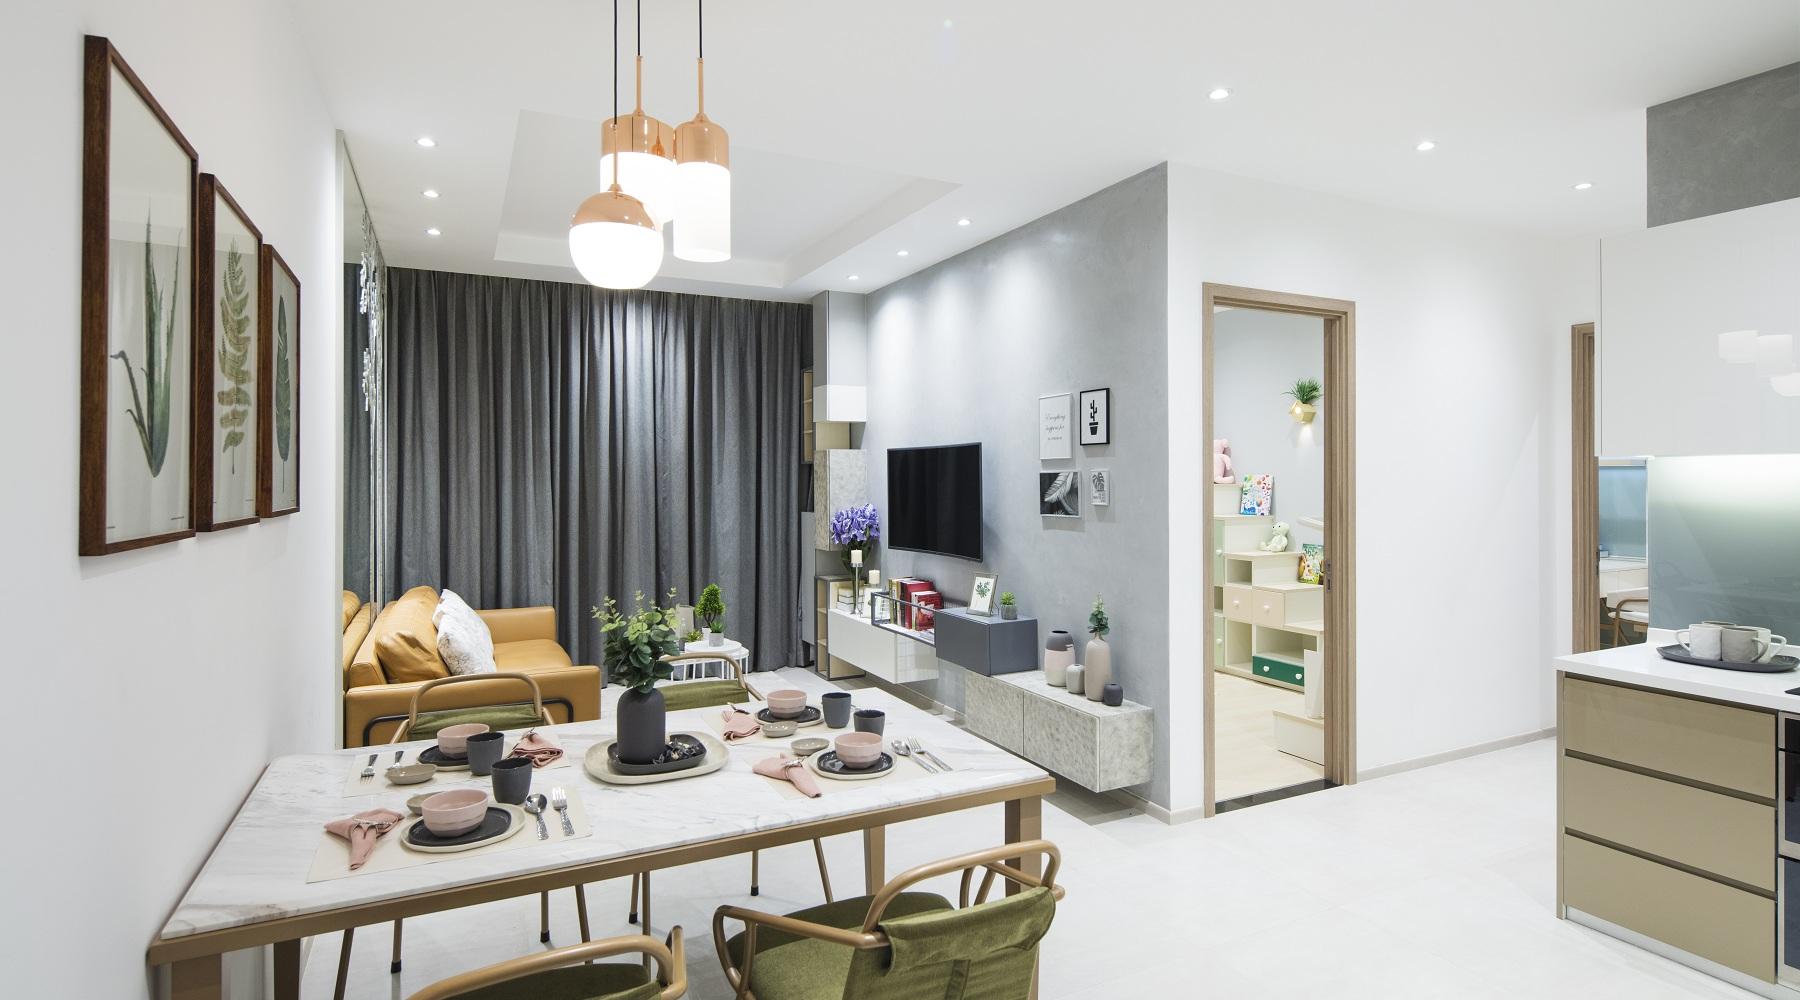 Tìm lợi thế cạnh tranh của phân khúc căn hộ cao cấp năm 2018